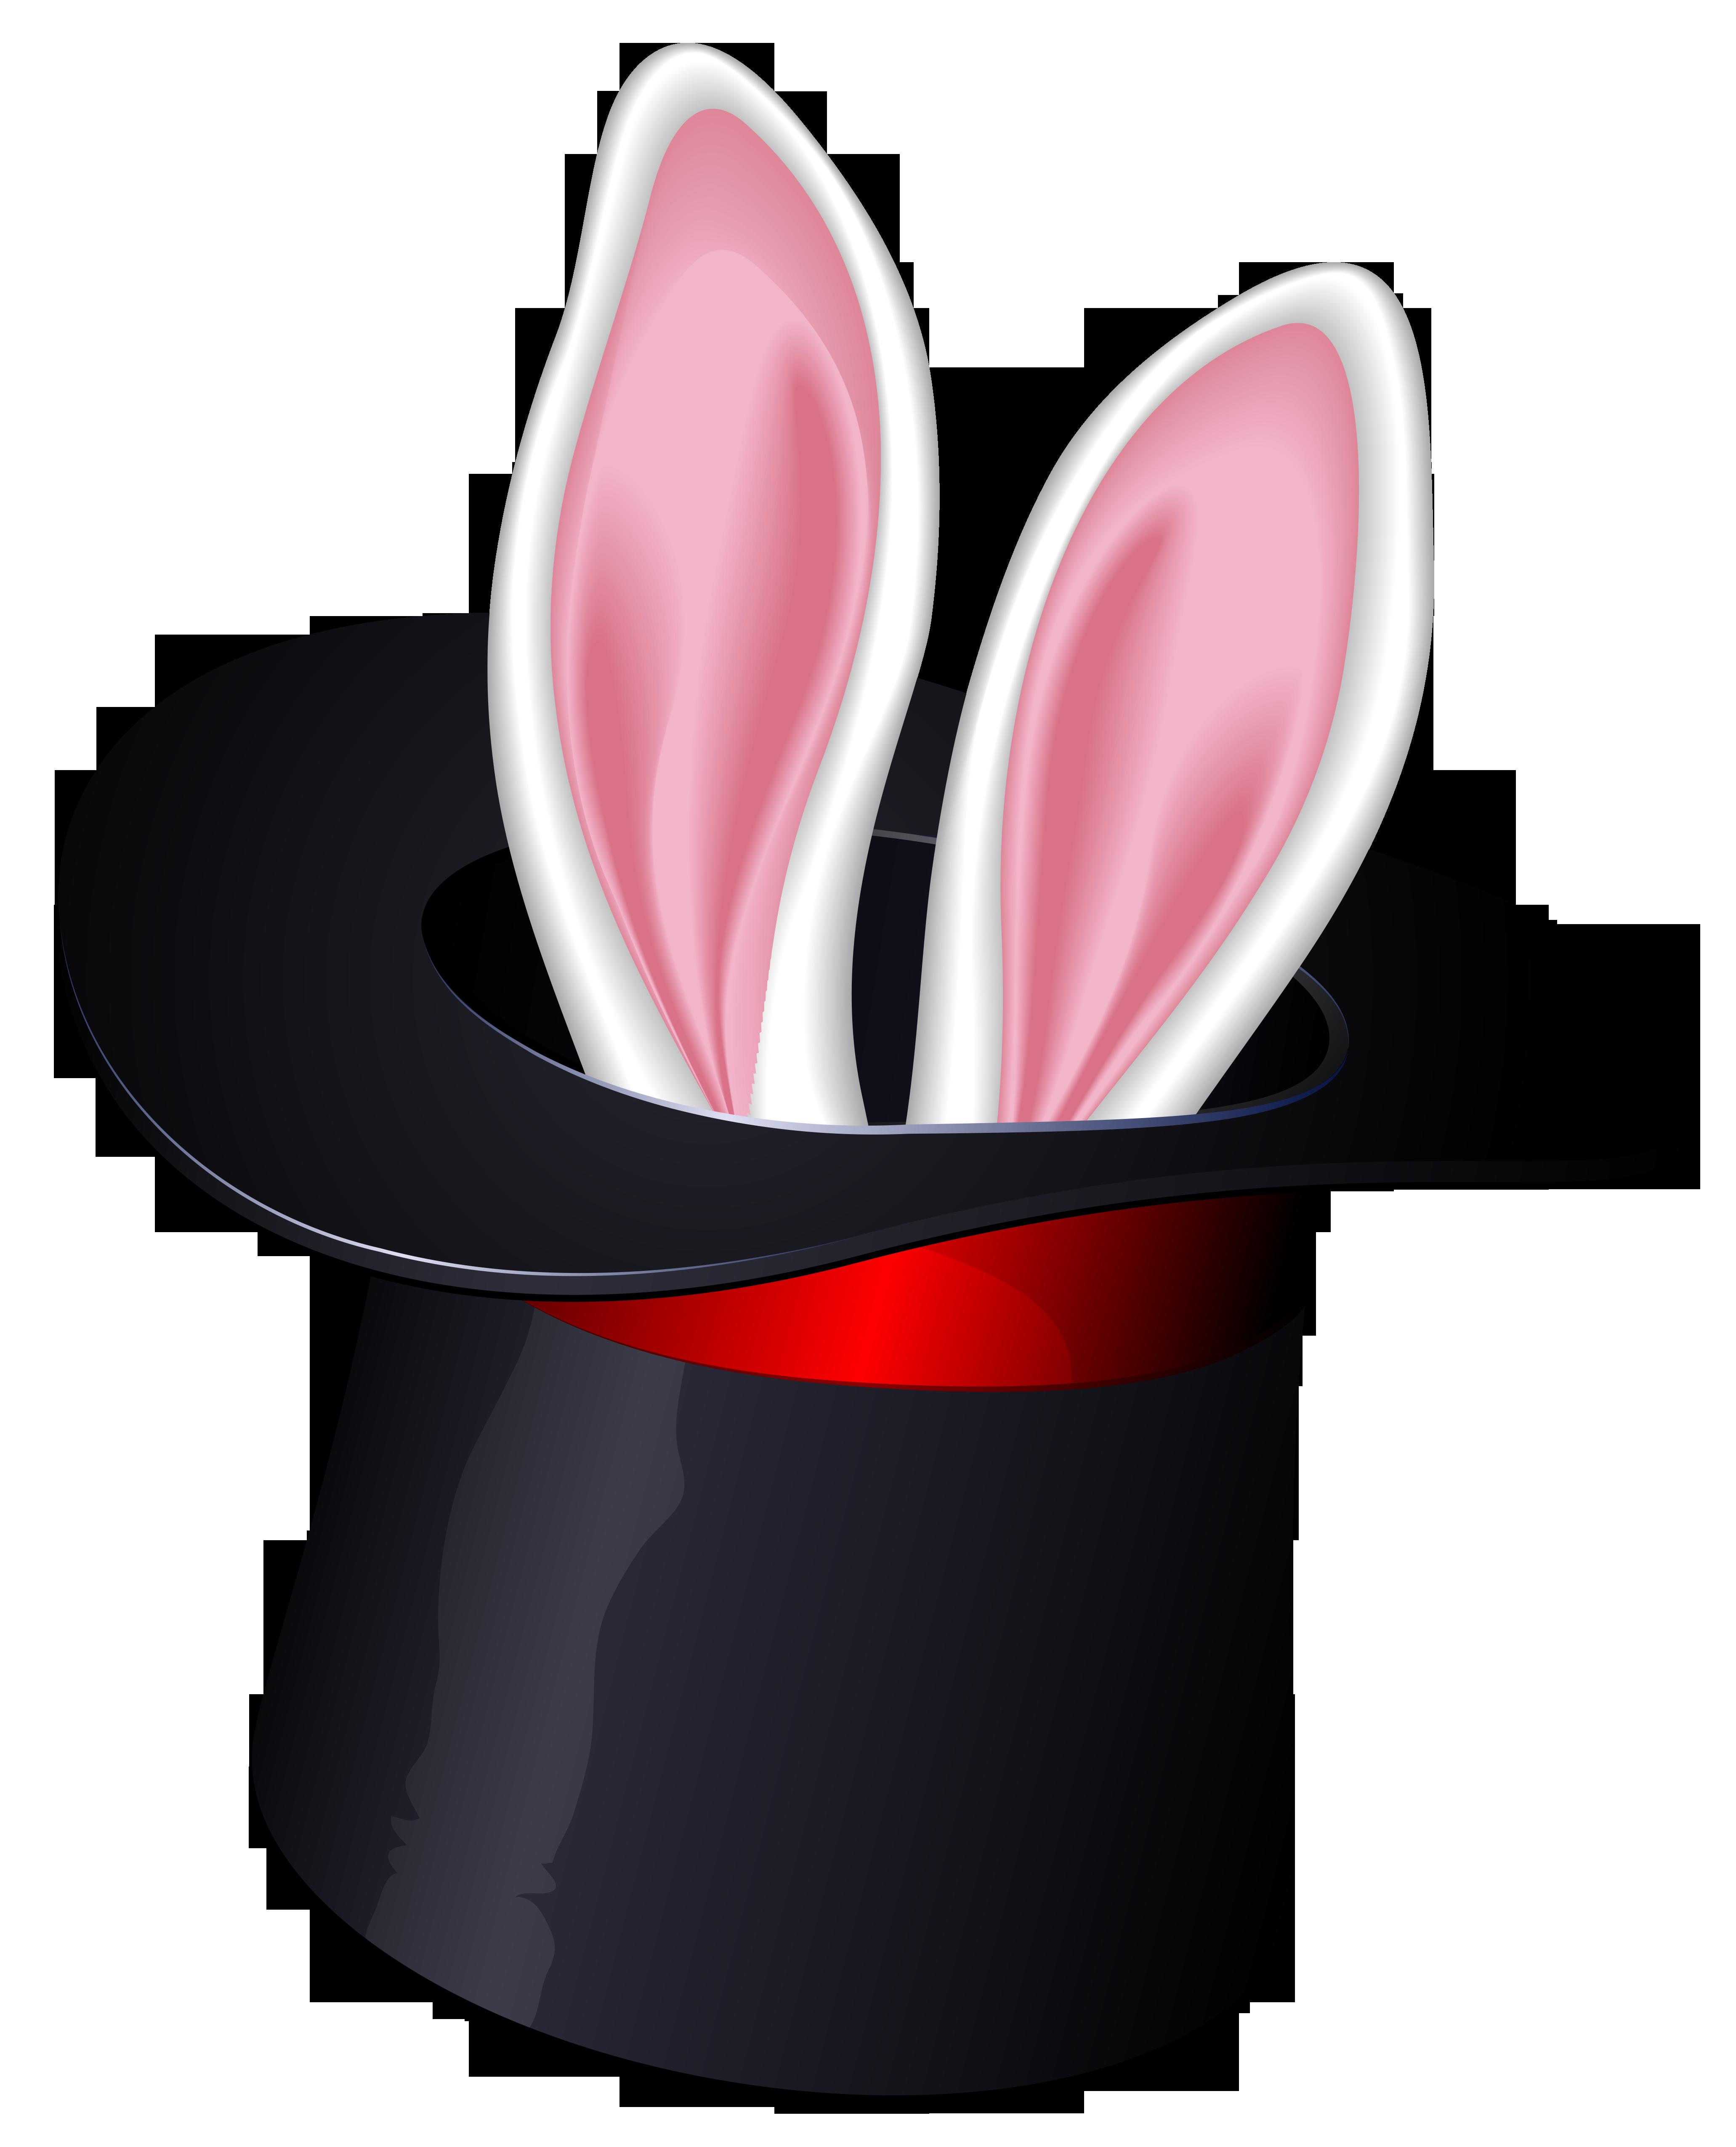 Cool Bunny Magic Hat Clipart